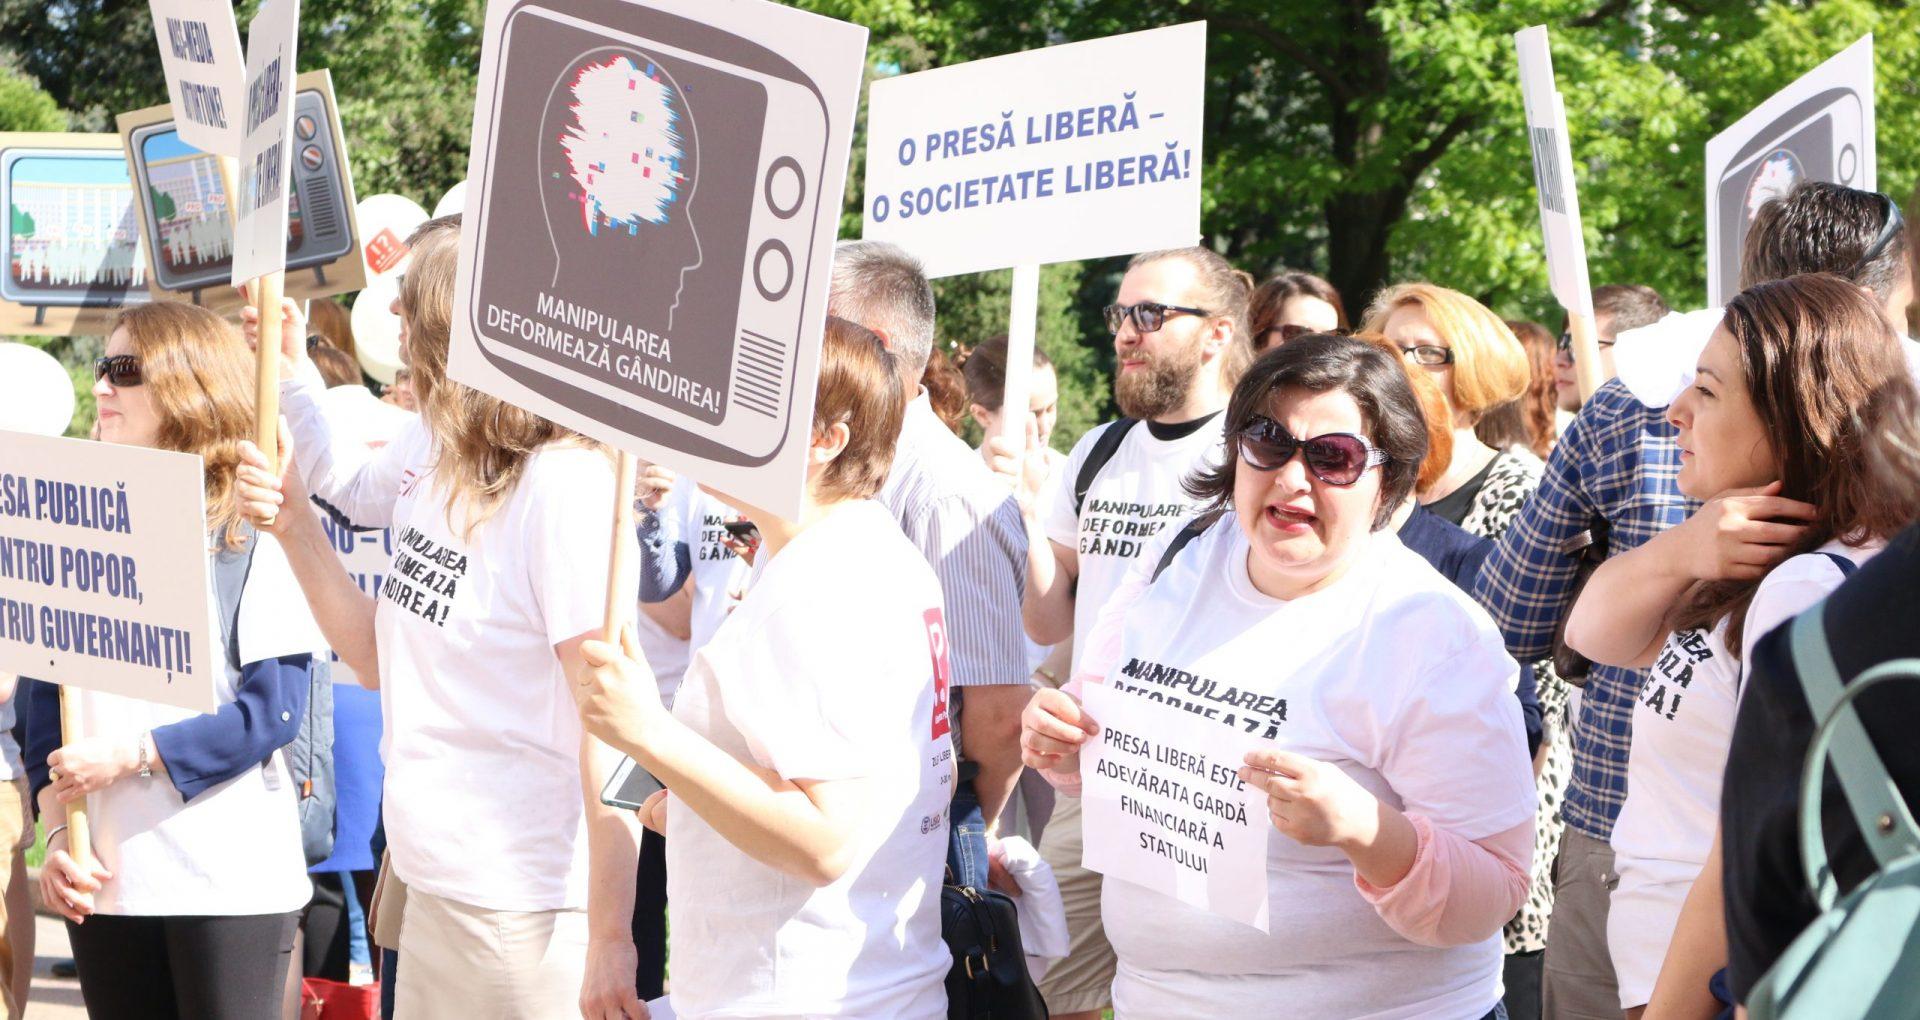 DOC/ CJI și alte opt organizații neguvernamentale au lansat Memoriul privind libertatea presei în R. Moldova: Declinul libertății mass-mediei este alarmant, iar redacțiile independente au rămas vulnerabile financiar